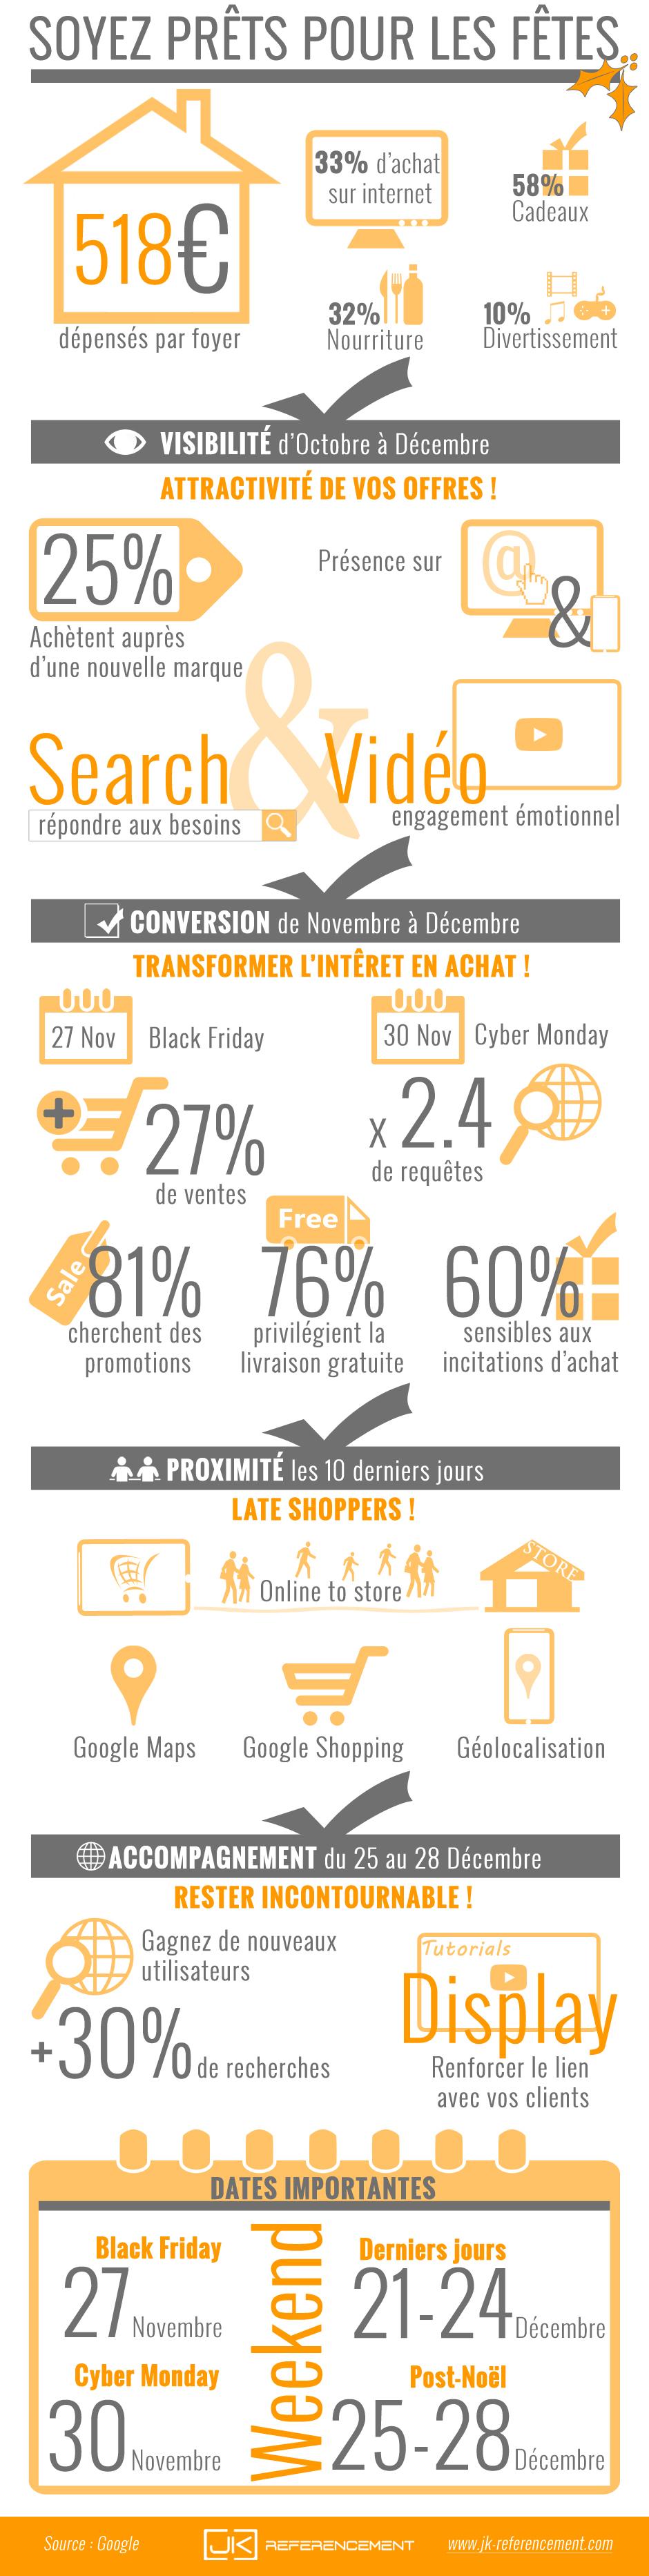 infographie-cadeaux-fin-d-annee